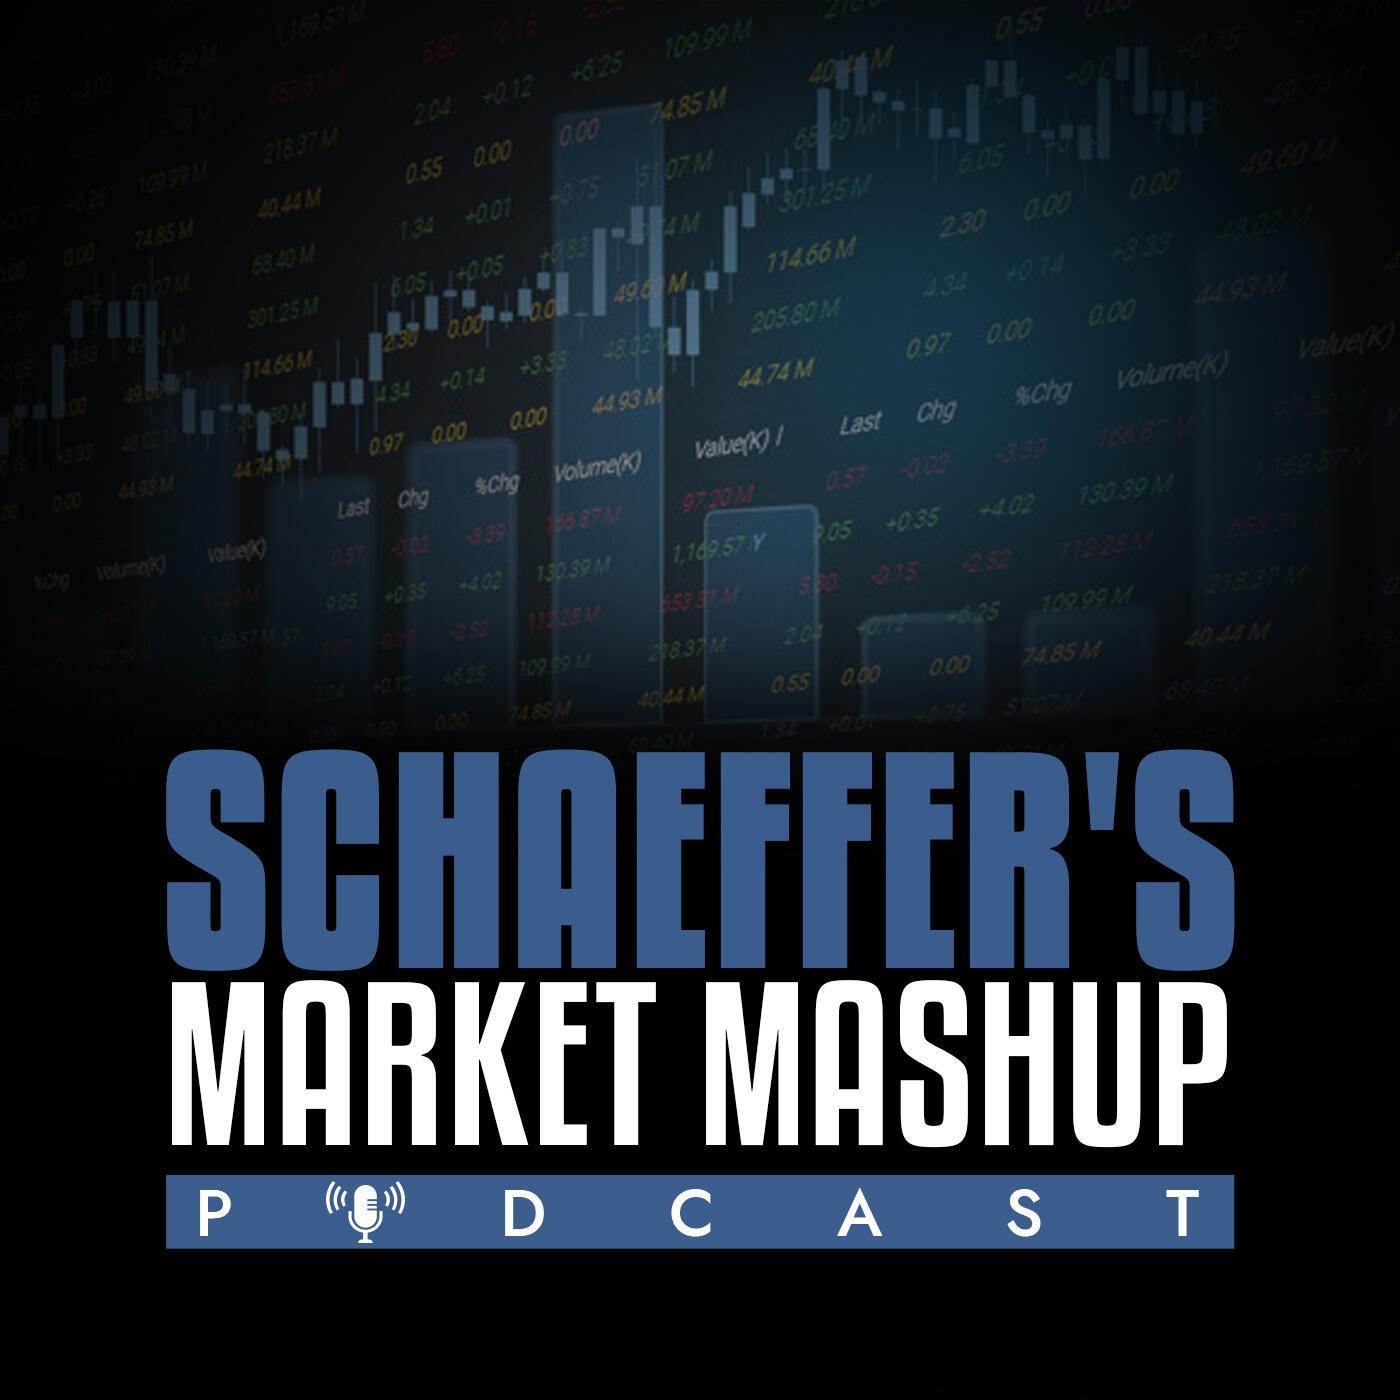 Schaeffer's Market Mashup